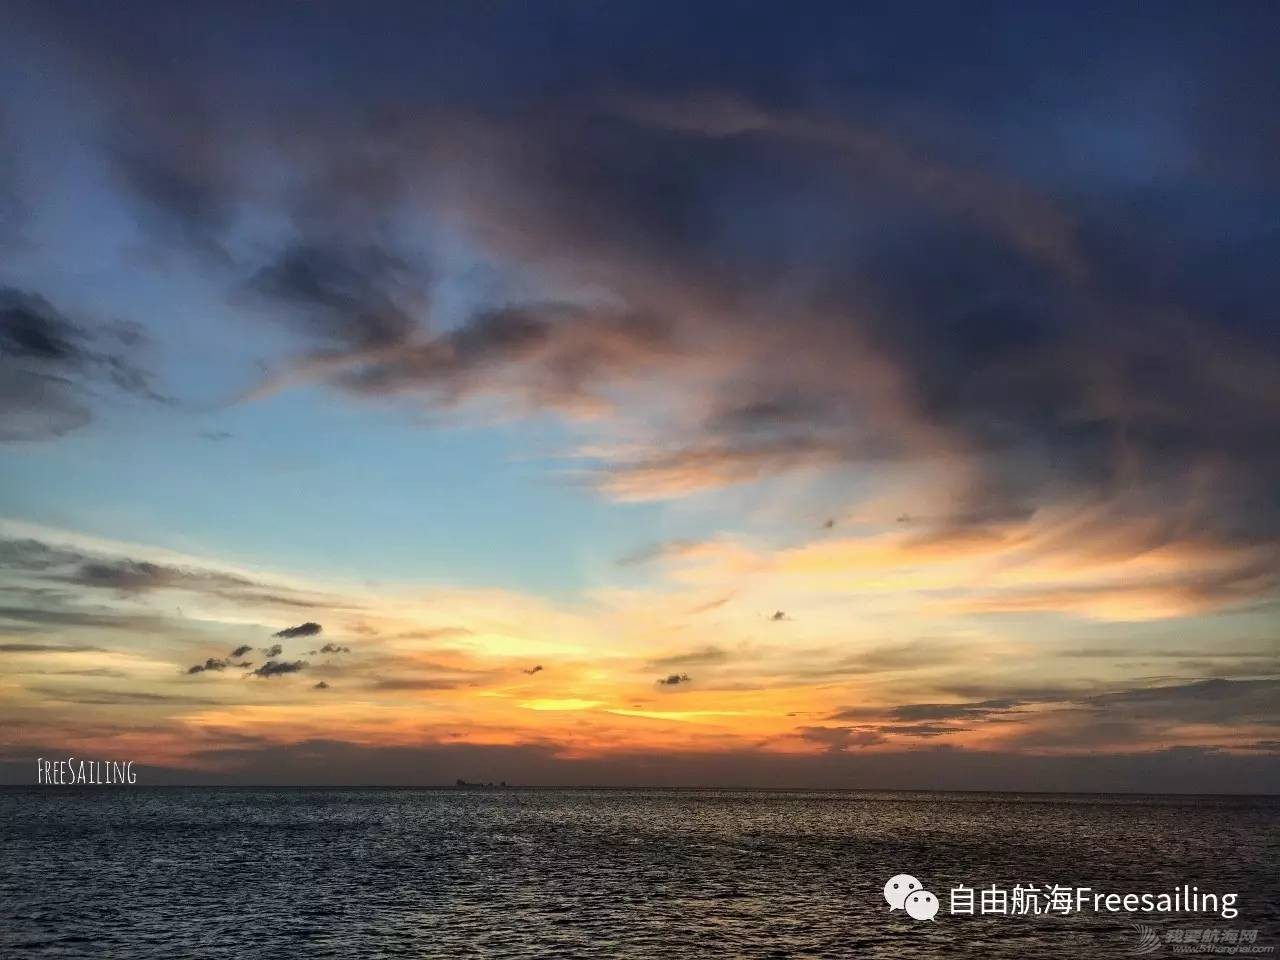 海上生活初体验——帆船环球周记六 f2e4525f64bba1a37f7f64adb519ceeb.jpg